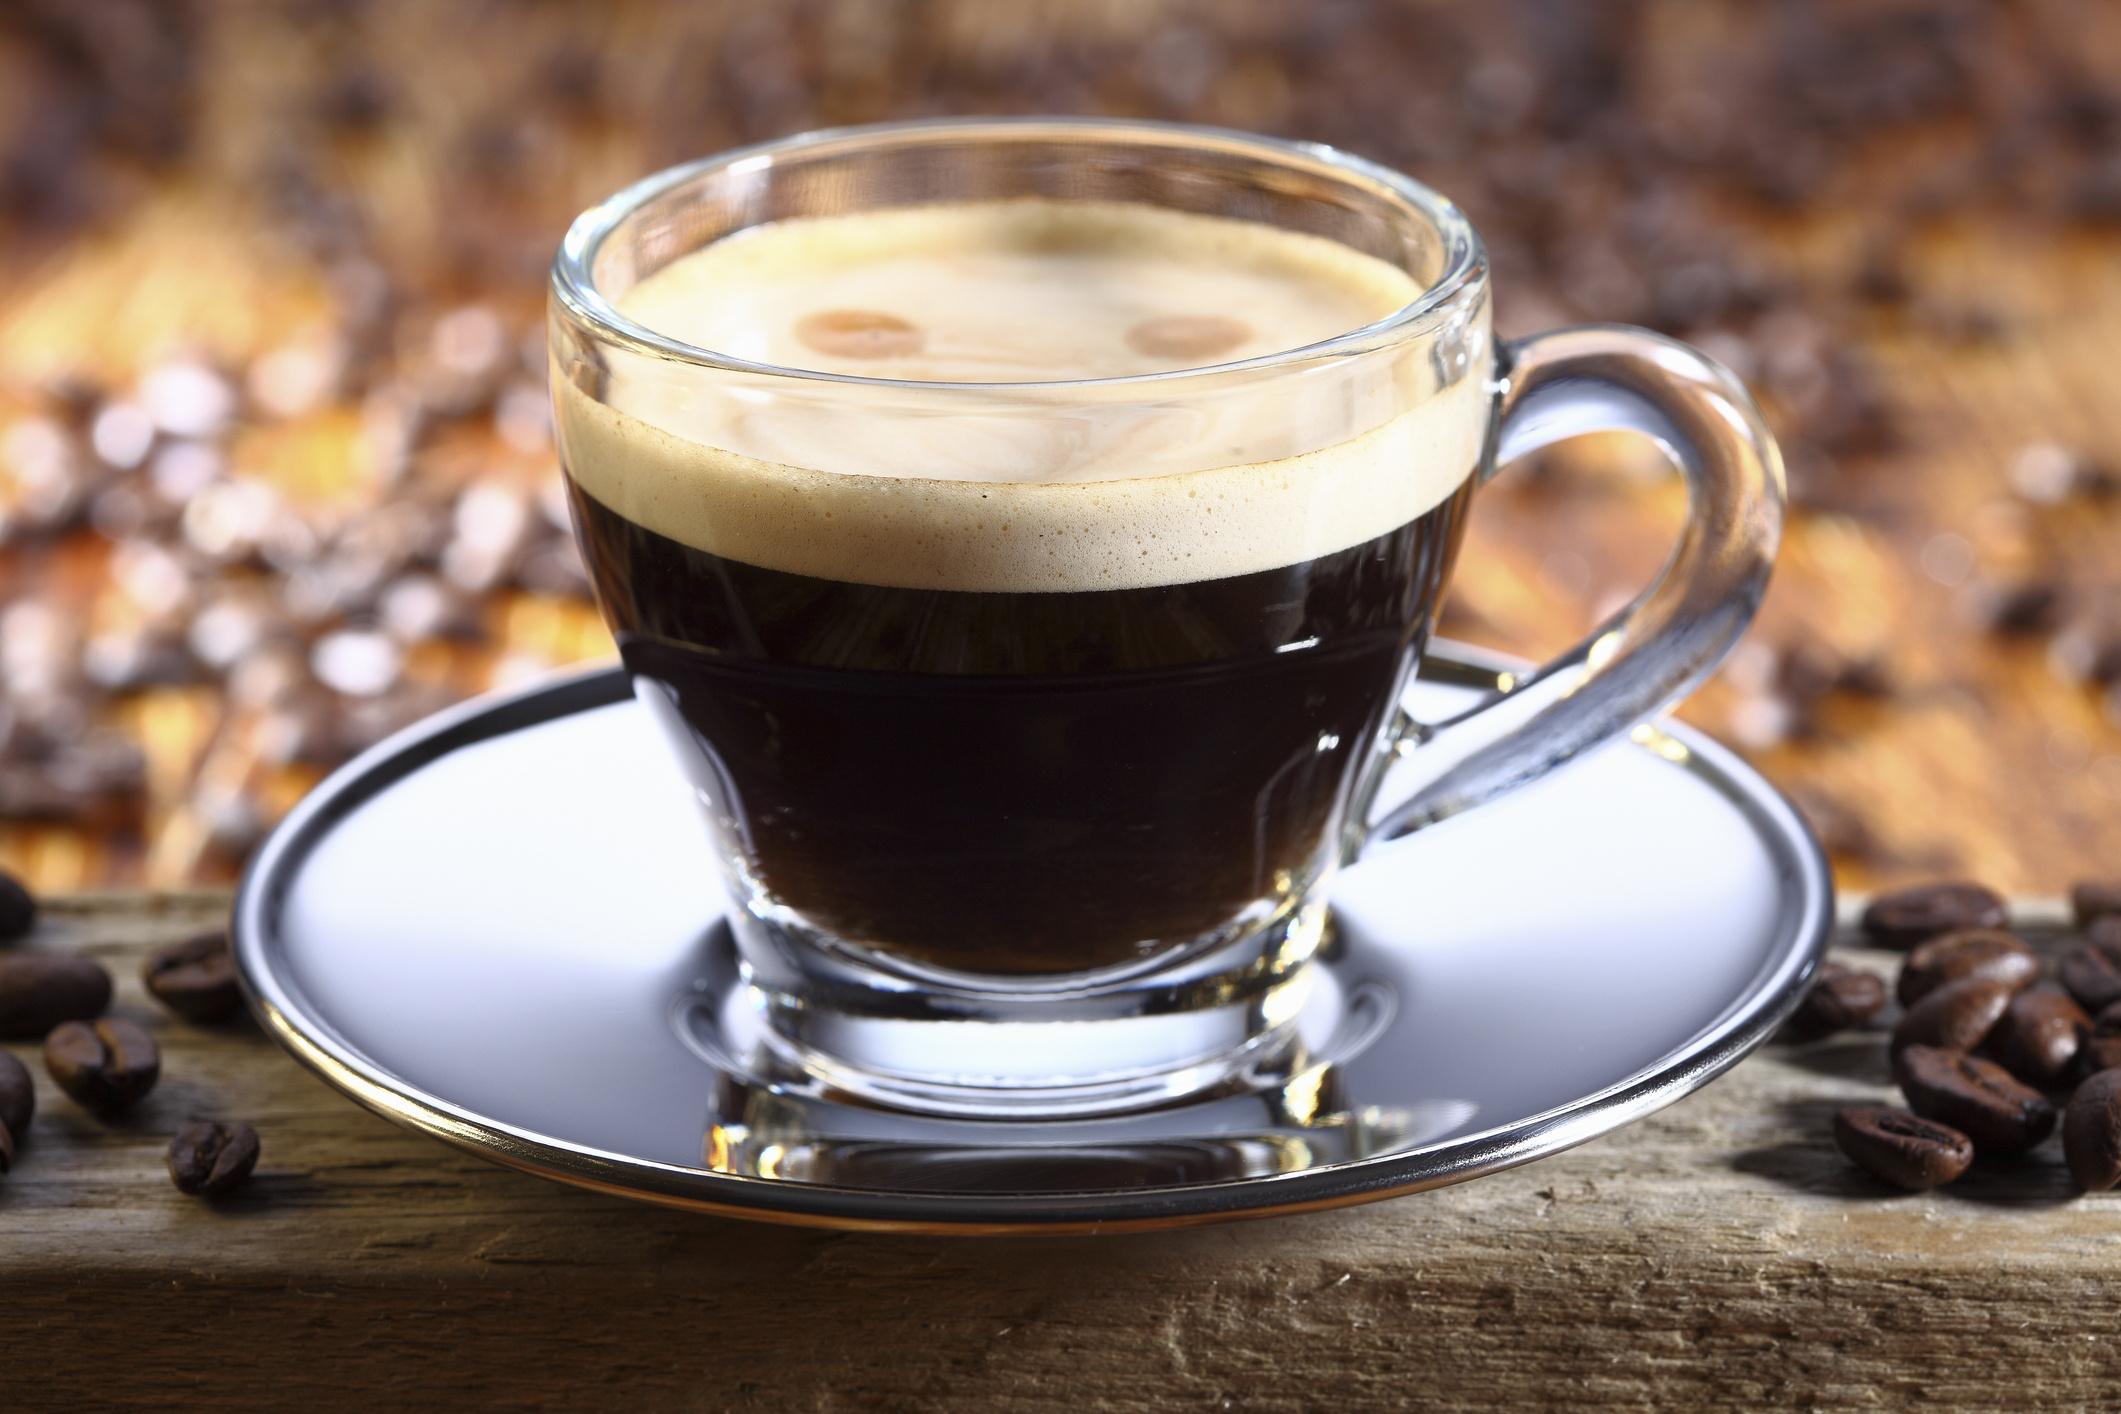 Как сделать пенку на кофе из молока фото 983